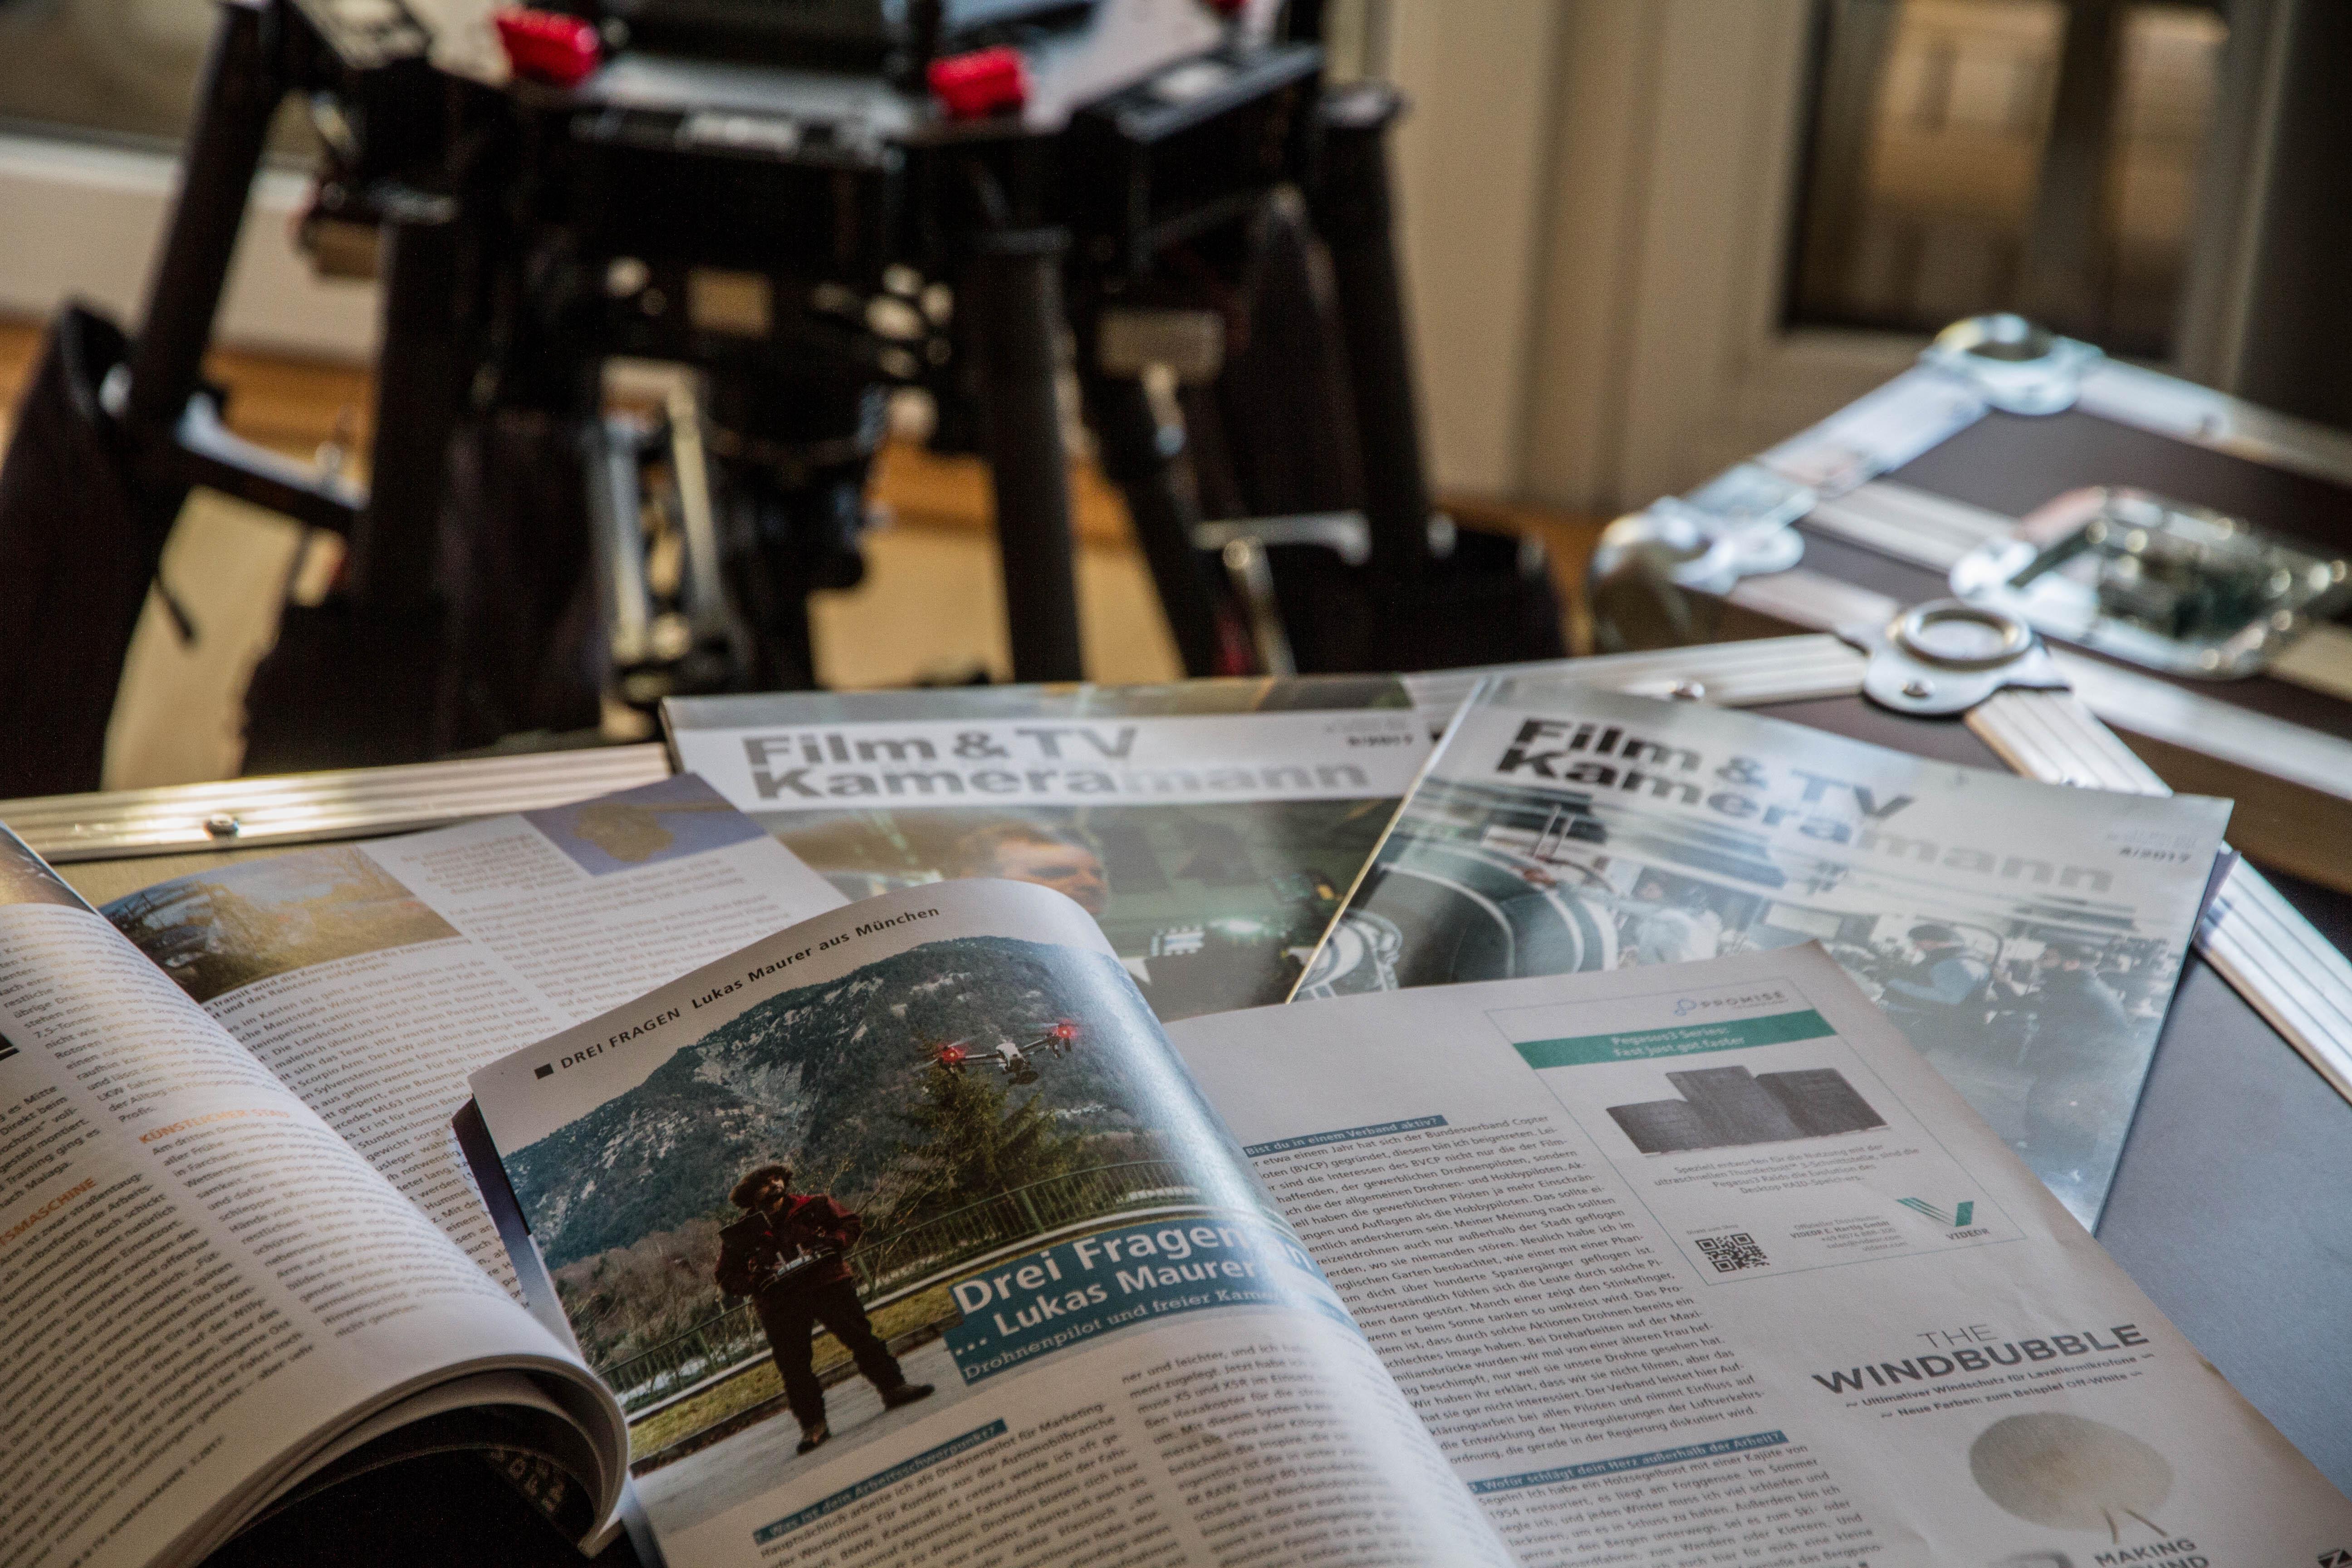 Drohnenpilot Lukas Maurer im Interview Magazin München Luftaufnahmen Drohnenpilot Drohnendienstleister aus München aerial drone team munich bavaria europe